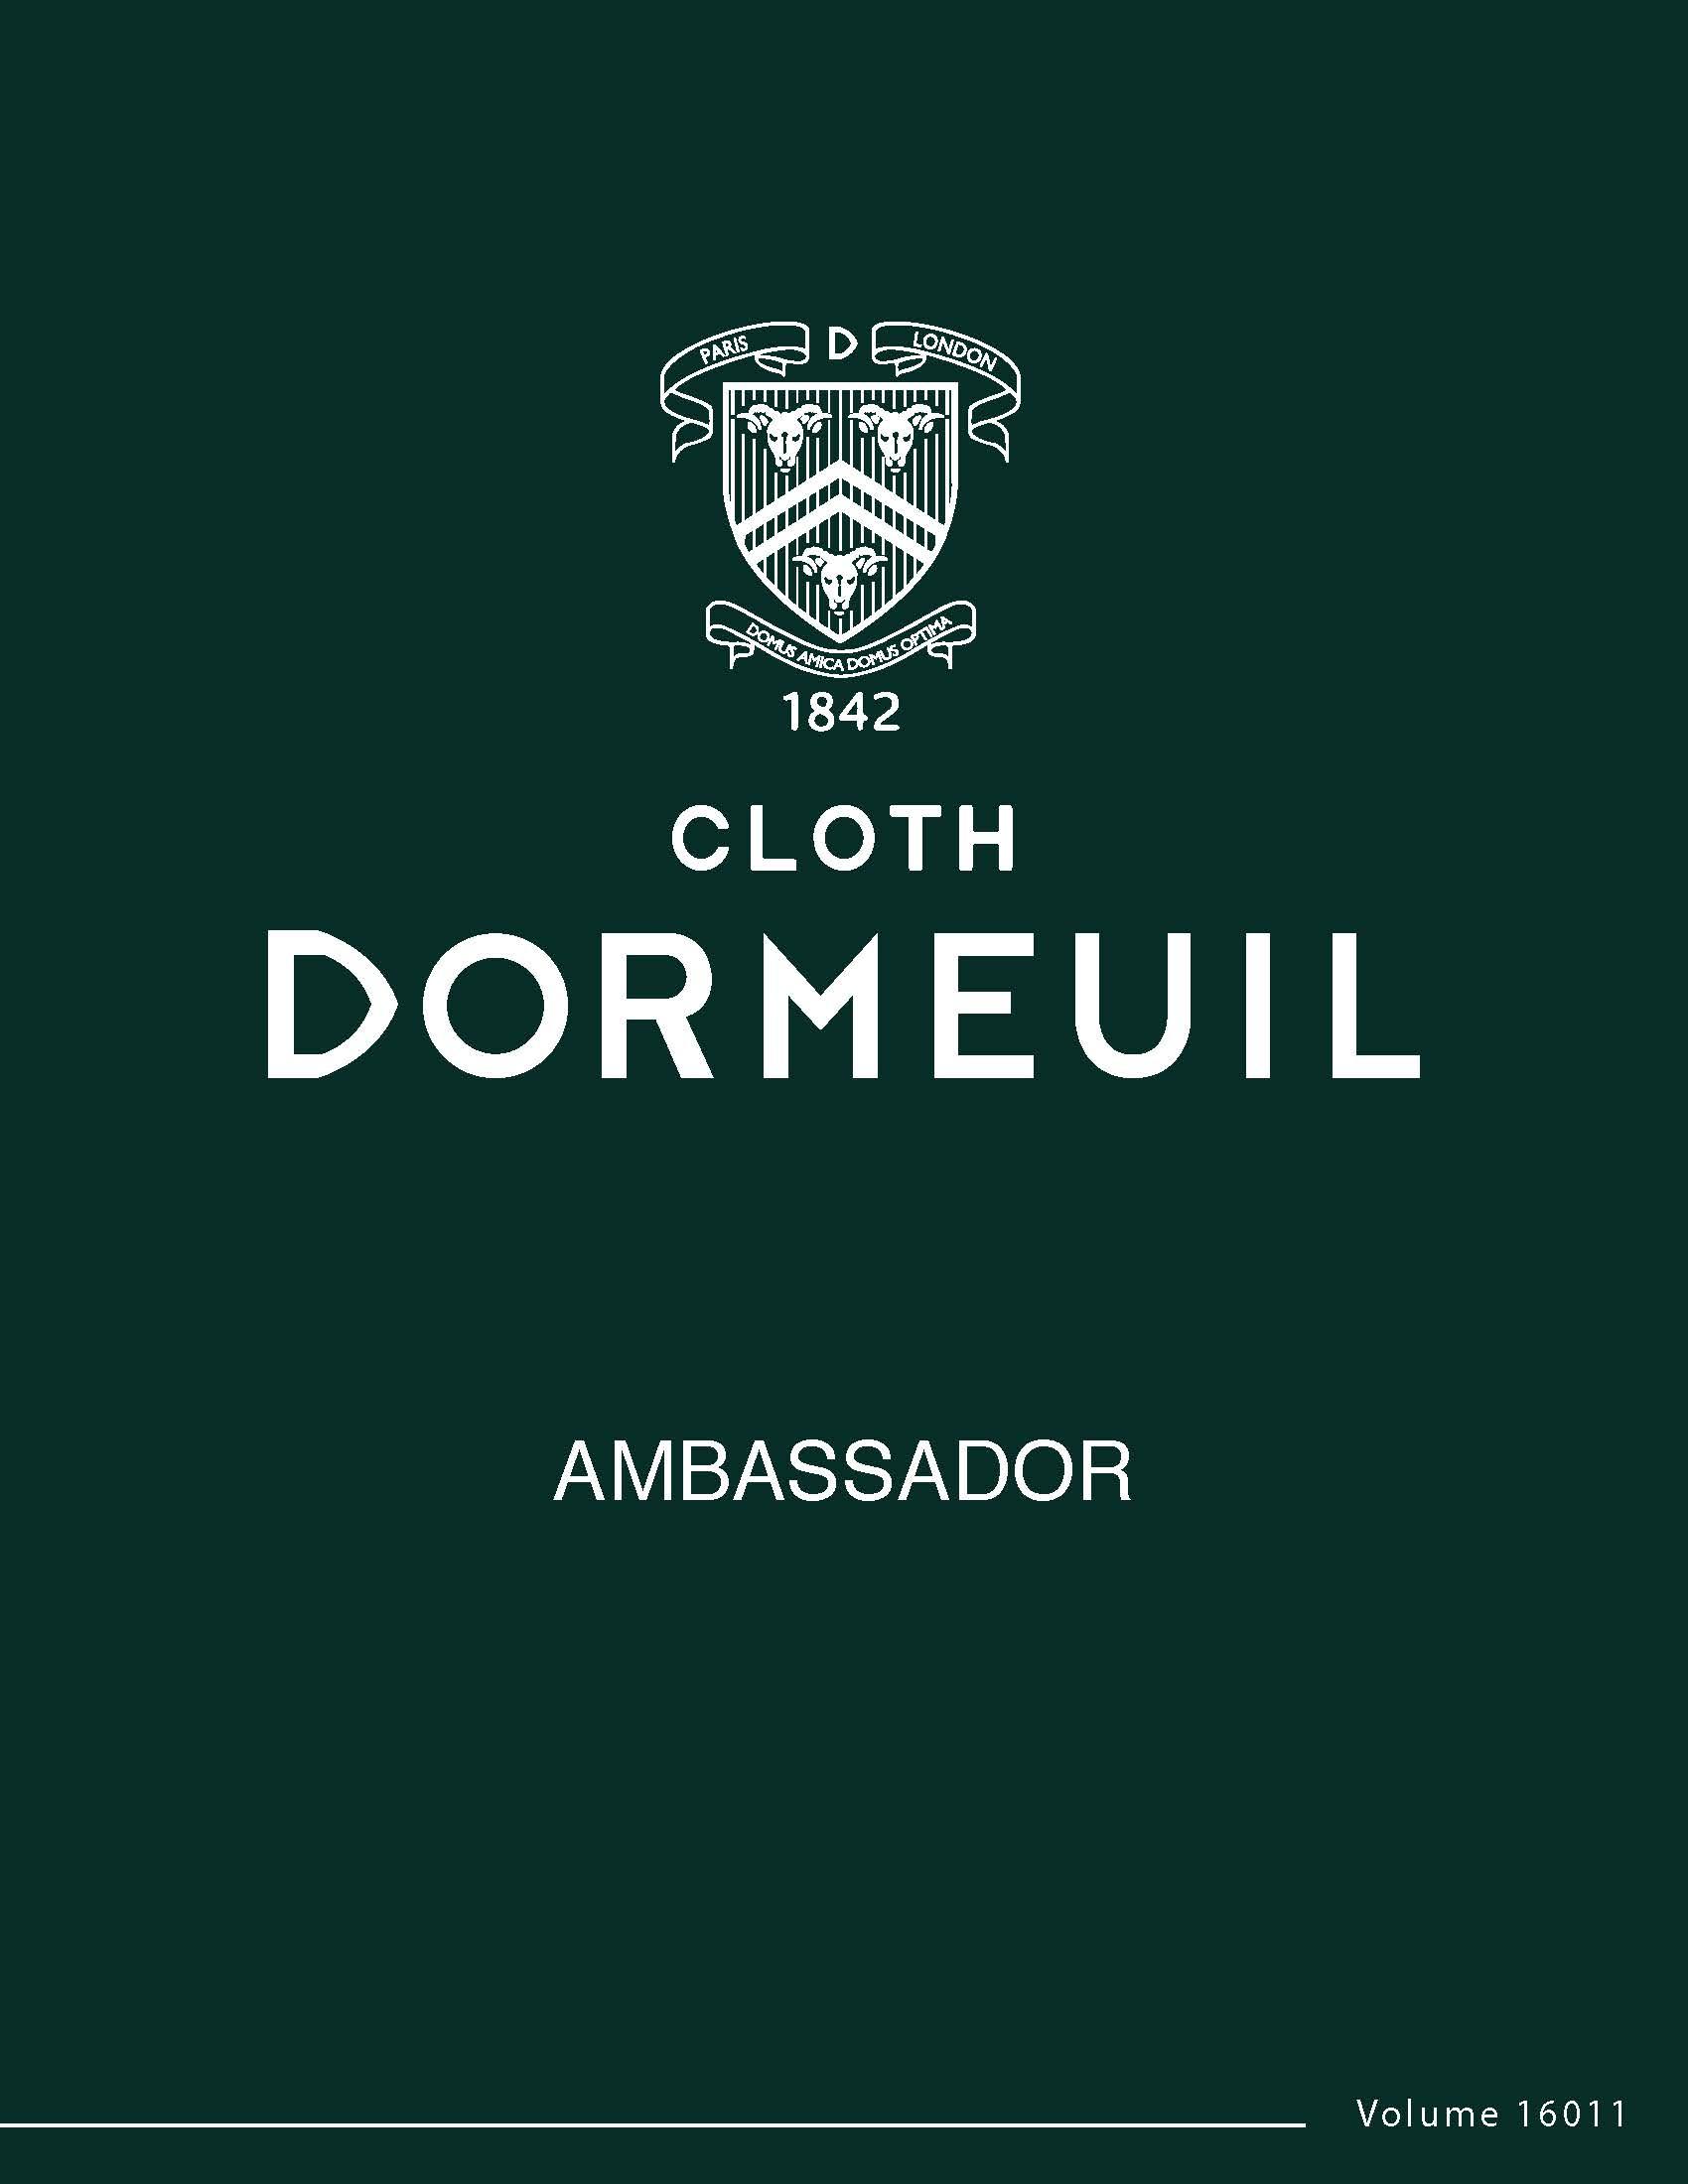 Dormeuil_Ambassador_602_V16011V.jpg